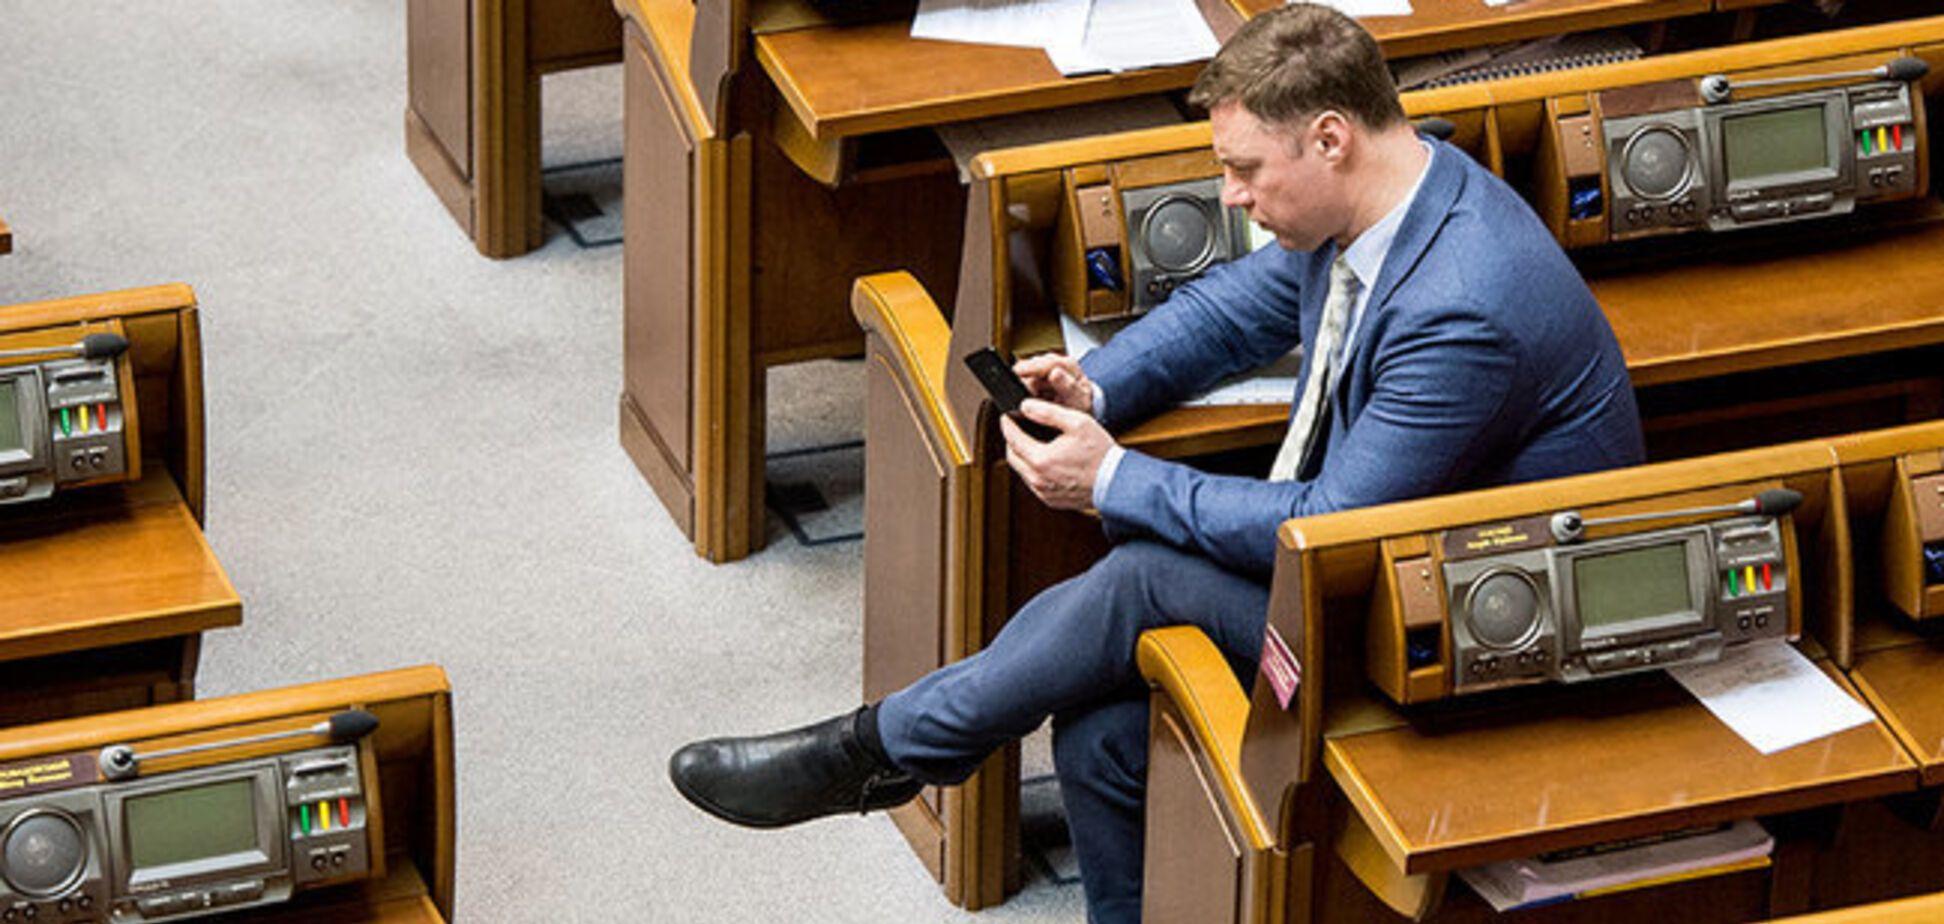 Відпочинок на яхті та вибір човнів: кандидат у президенти України Віталій Купрій 'засвітив' переписку про елітні розваги